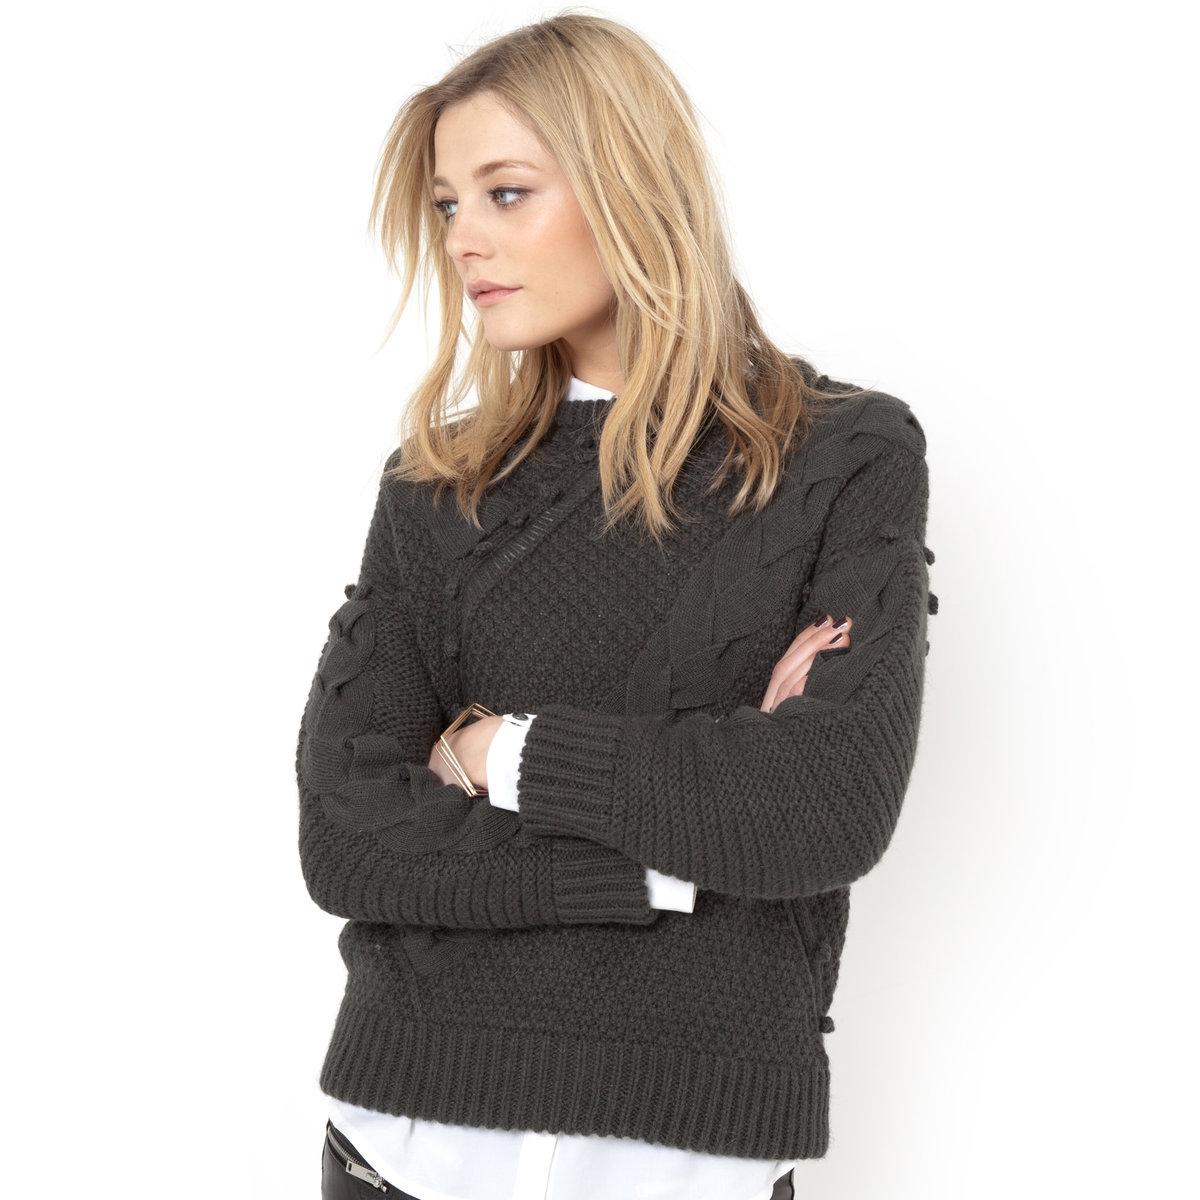 Пуловер, 15% шерстиПуловер из трикотажа, 75% акрила, 15% шерсти, 10% альпаки.   Узор косы, ажурные детали, декоративные помпоны спереди и на рукавах.   Края рукавов и низа связаны в рубчик. Длина 62 см.Женственная модель из мягкого и теплого трикотажа!<br><br>Цвет: хаки<br>Размер: 38/40 (FR) - 44/46 (RUS)